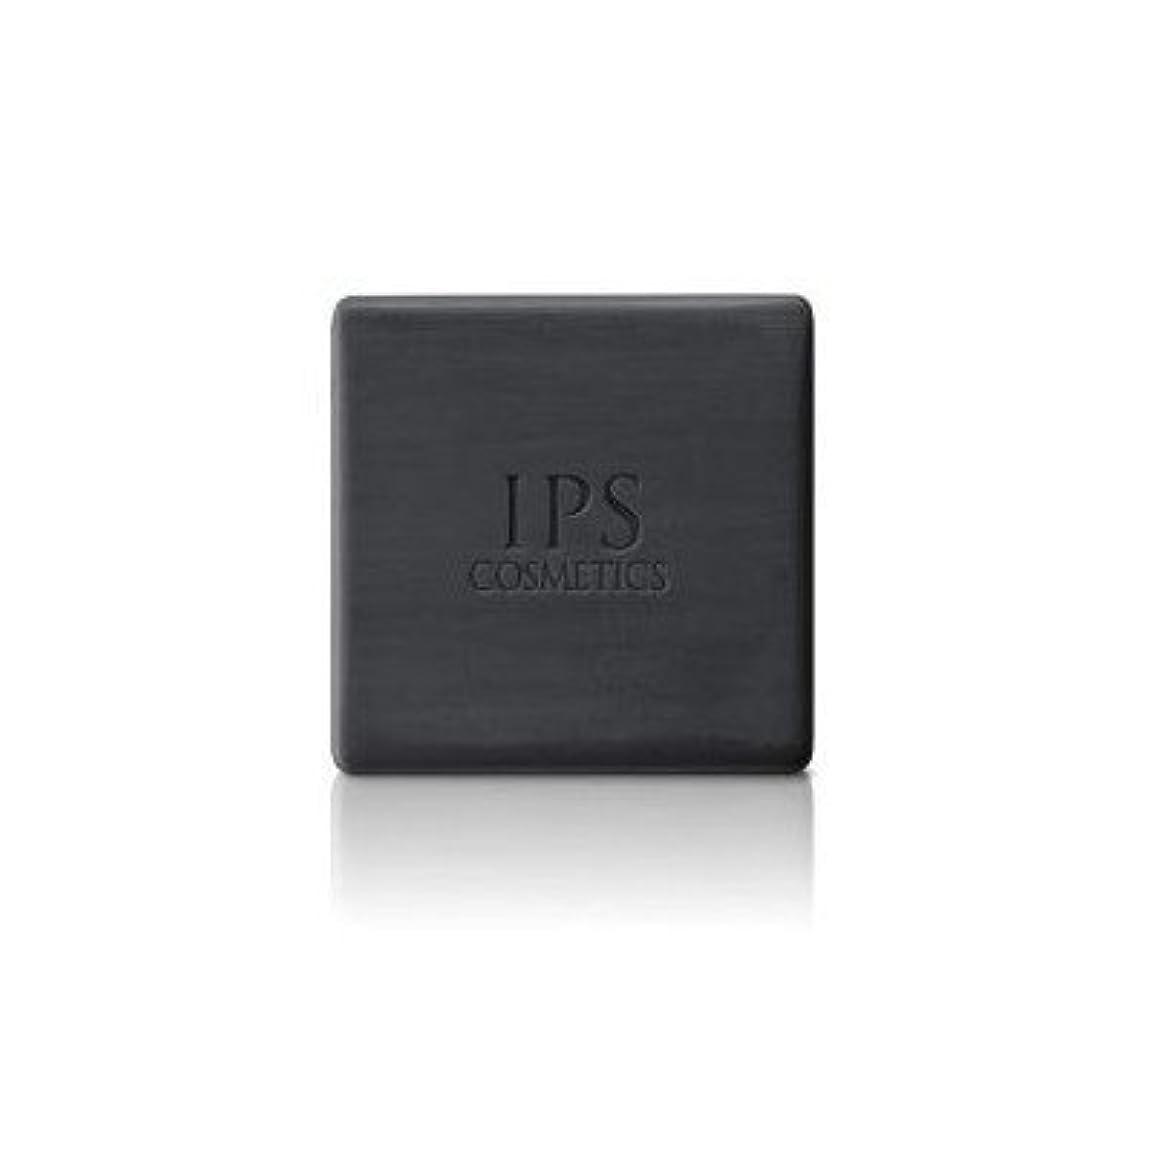 観察胸意識お得な3個セット IPS コンディショニングバー 洗顔石鹸 120g